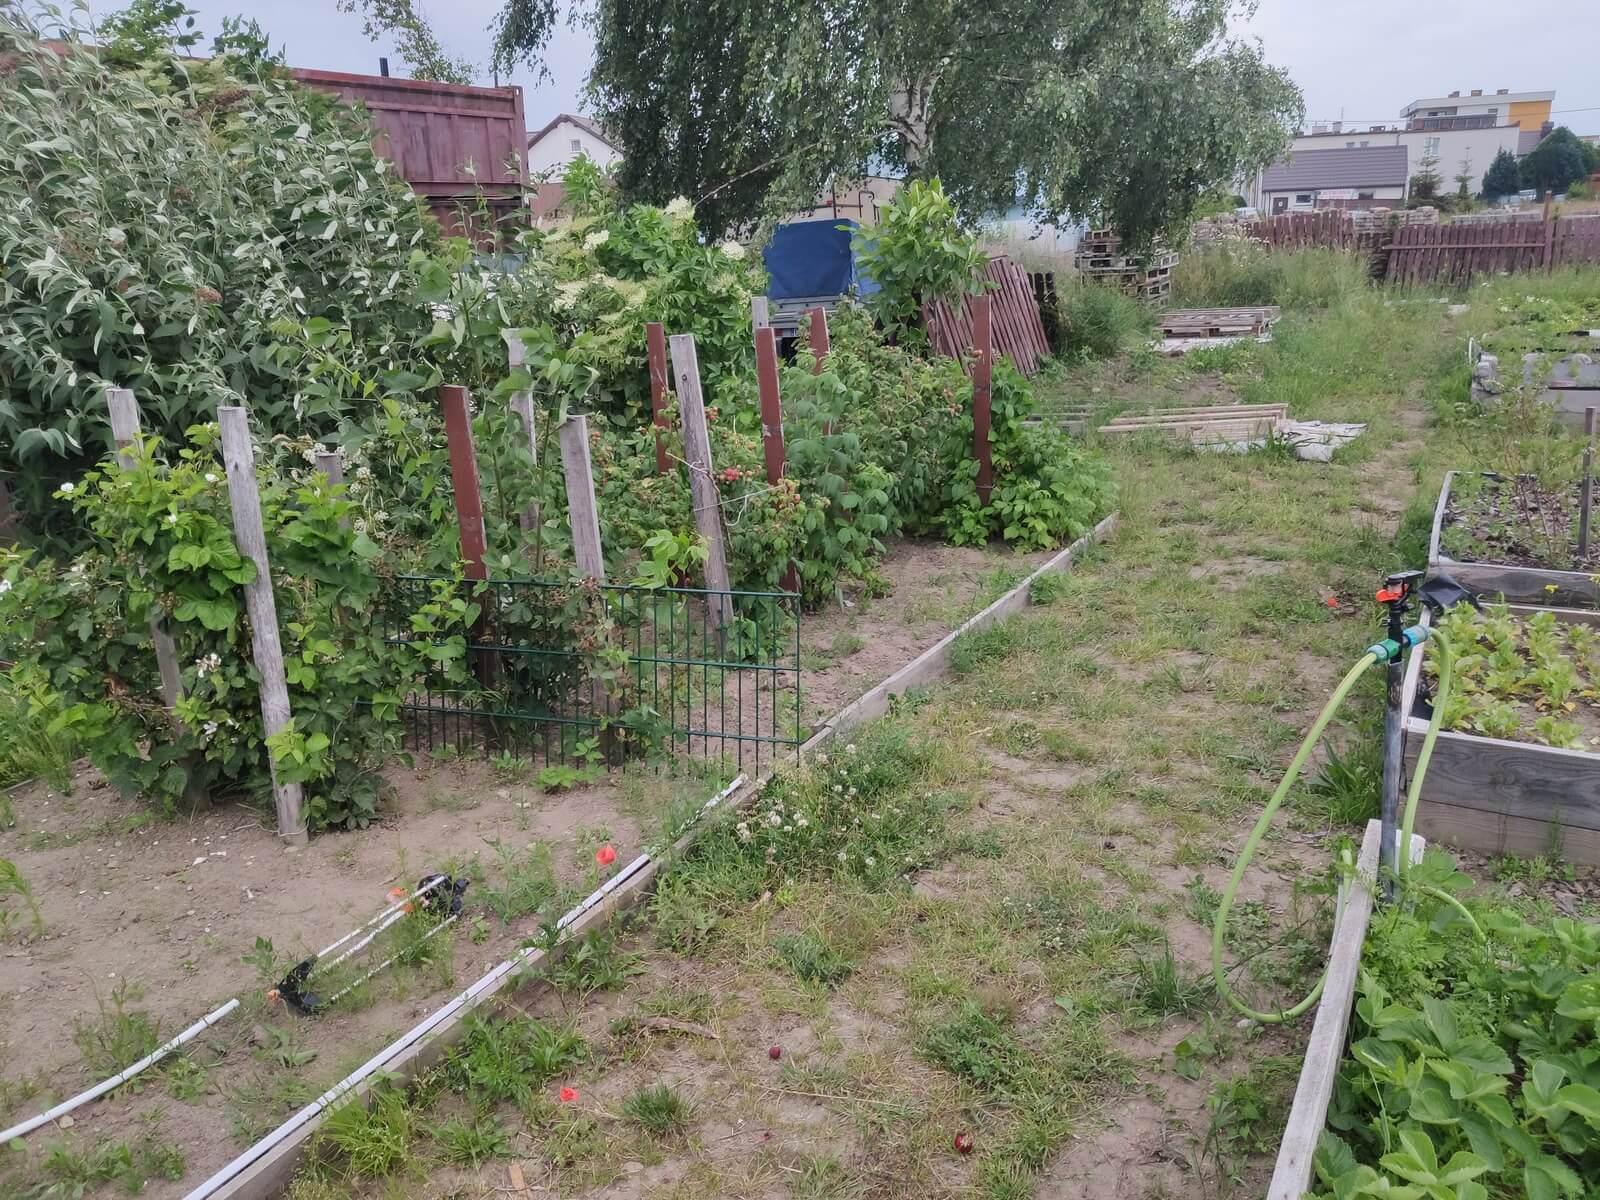 Posiłki - ogród